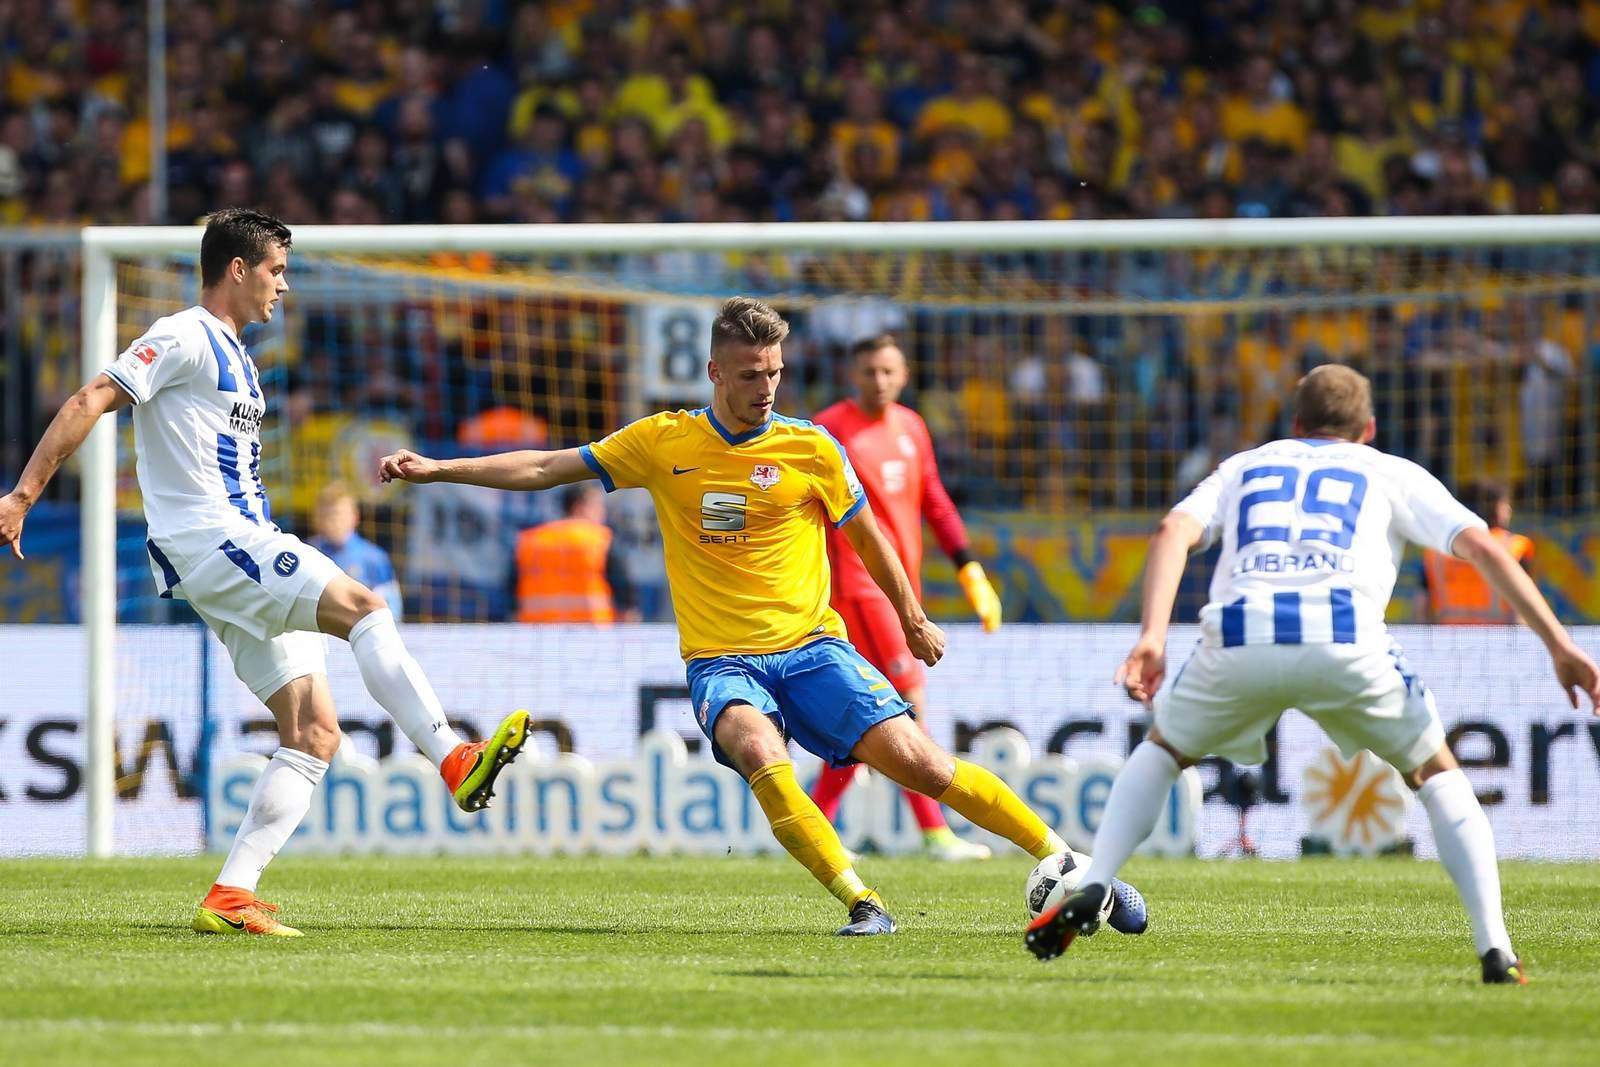 Gustav Valsvik für Braunschweig gegen den KSC